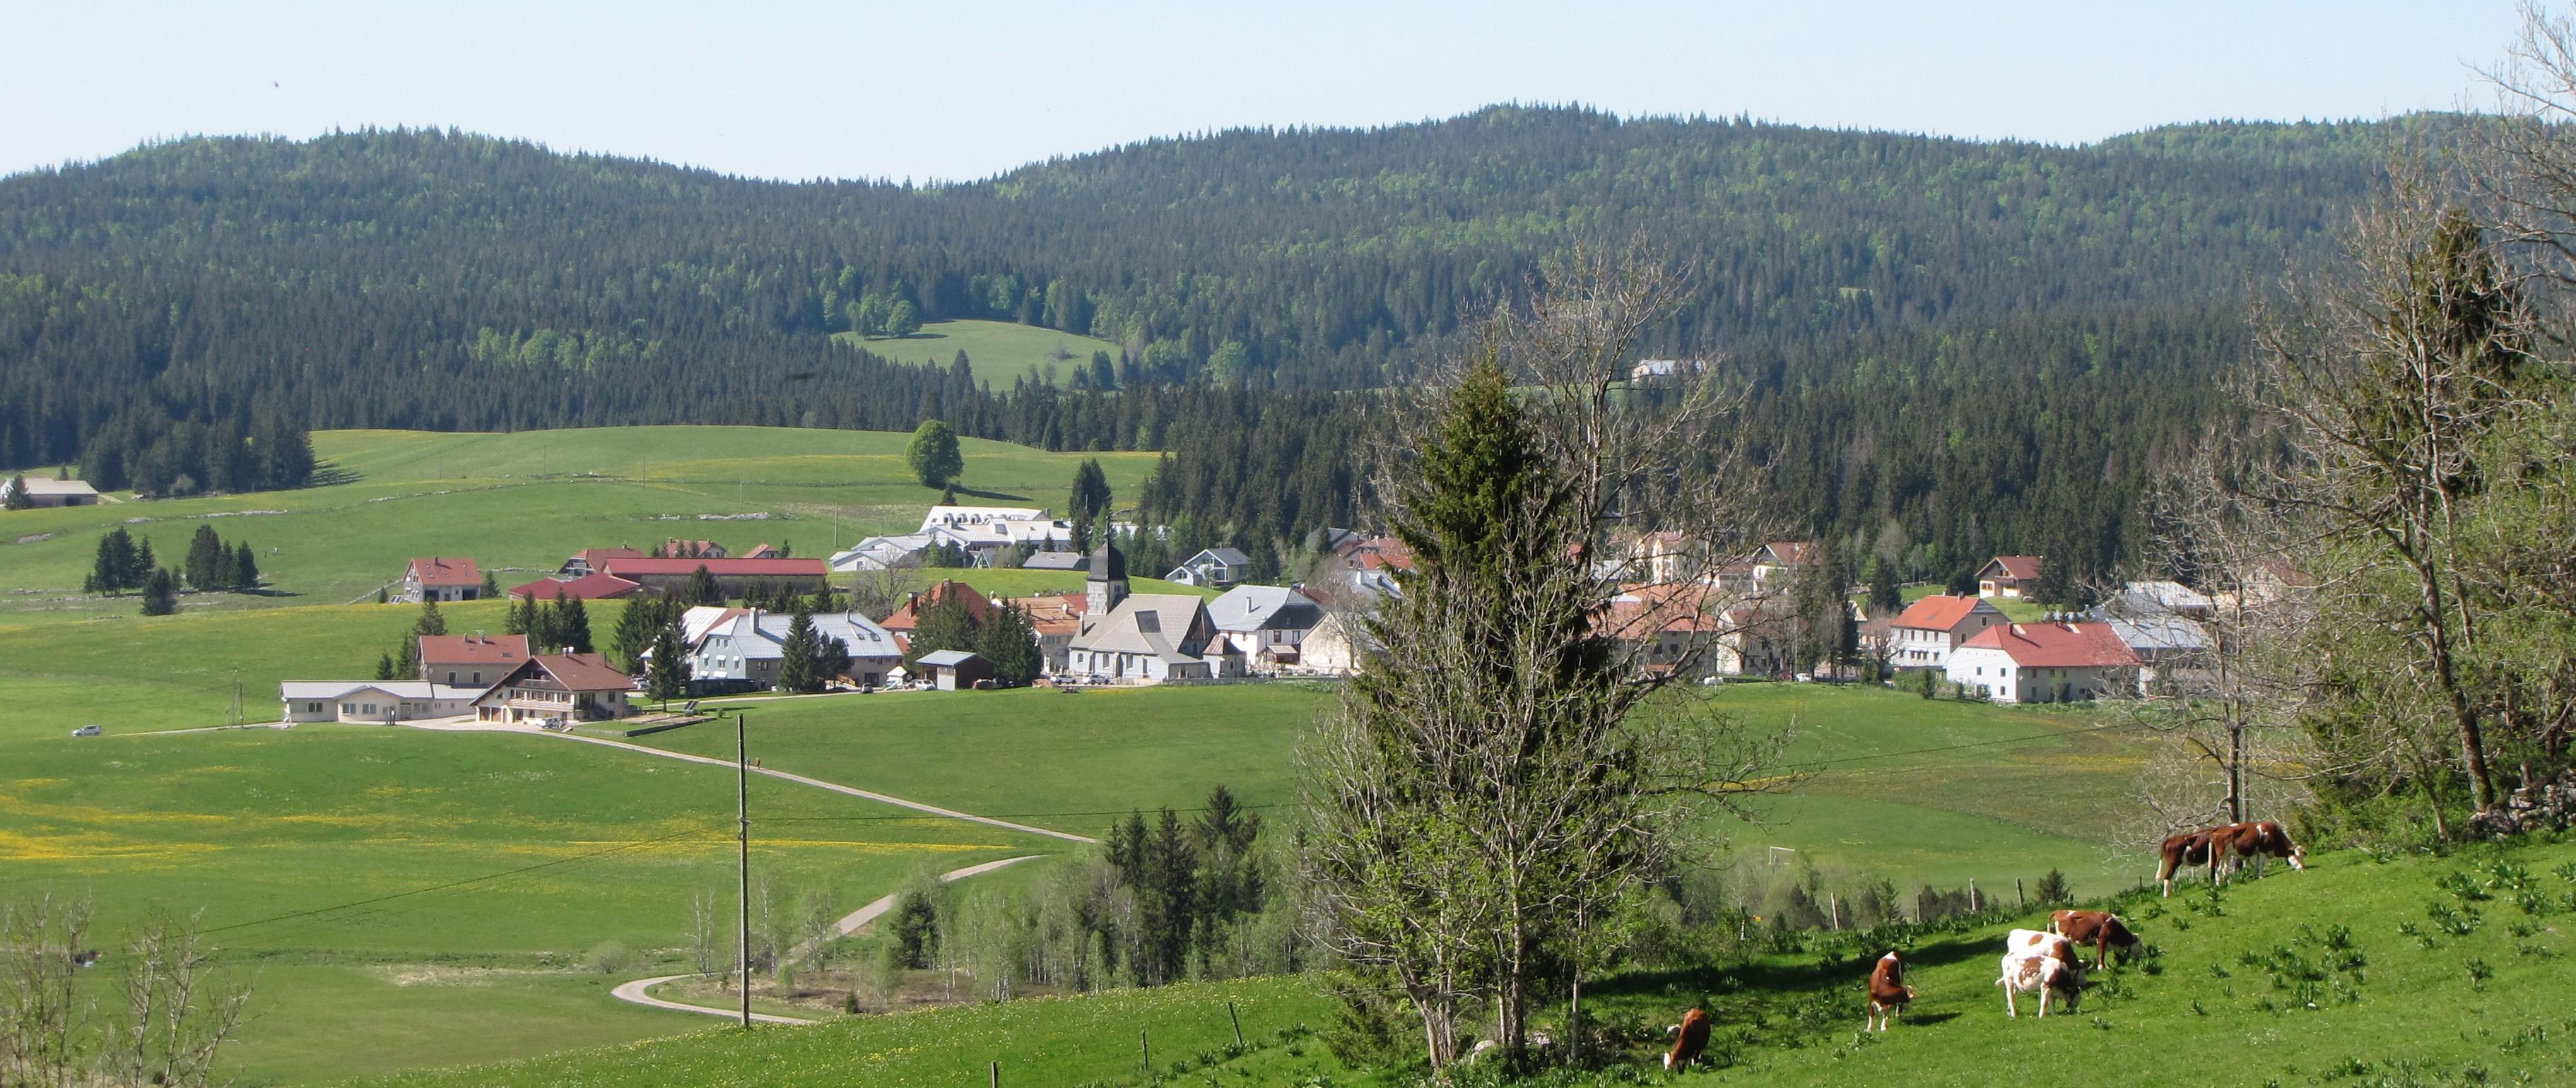 Chapelle Des Bois Communaute De Communes Des Lacs Et Montagnes Du Haut Doubs